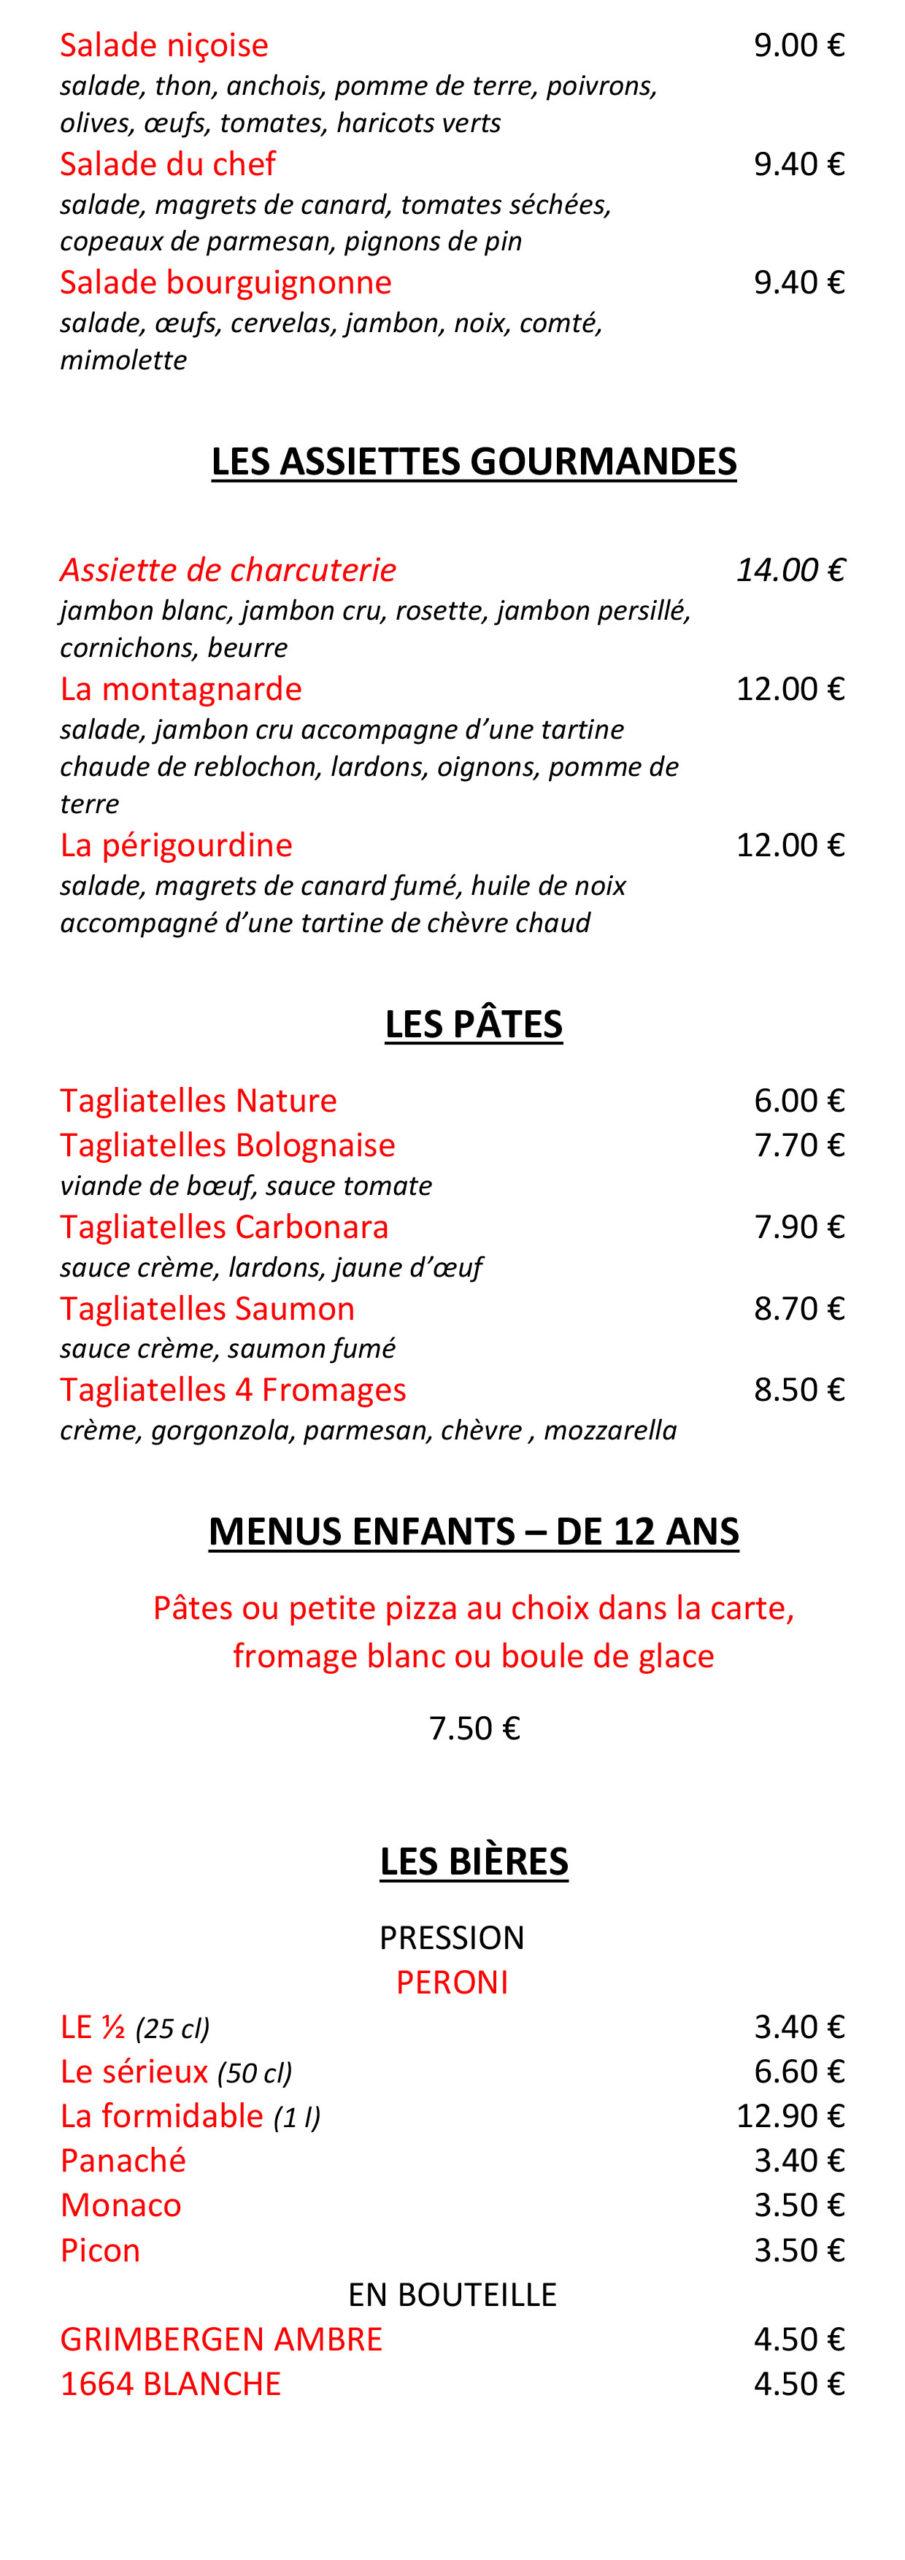 le-loup-garou-cluny-arret-sur-image-menu-3